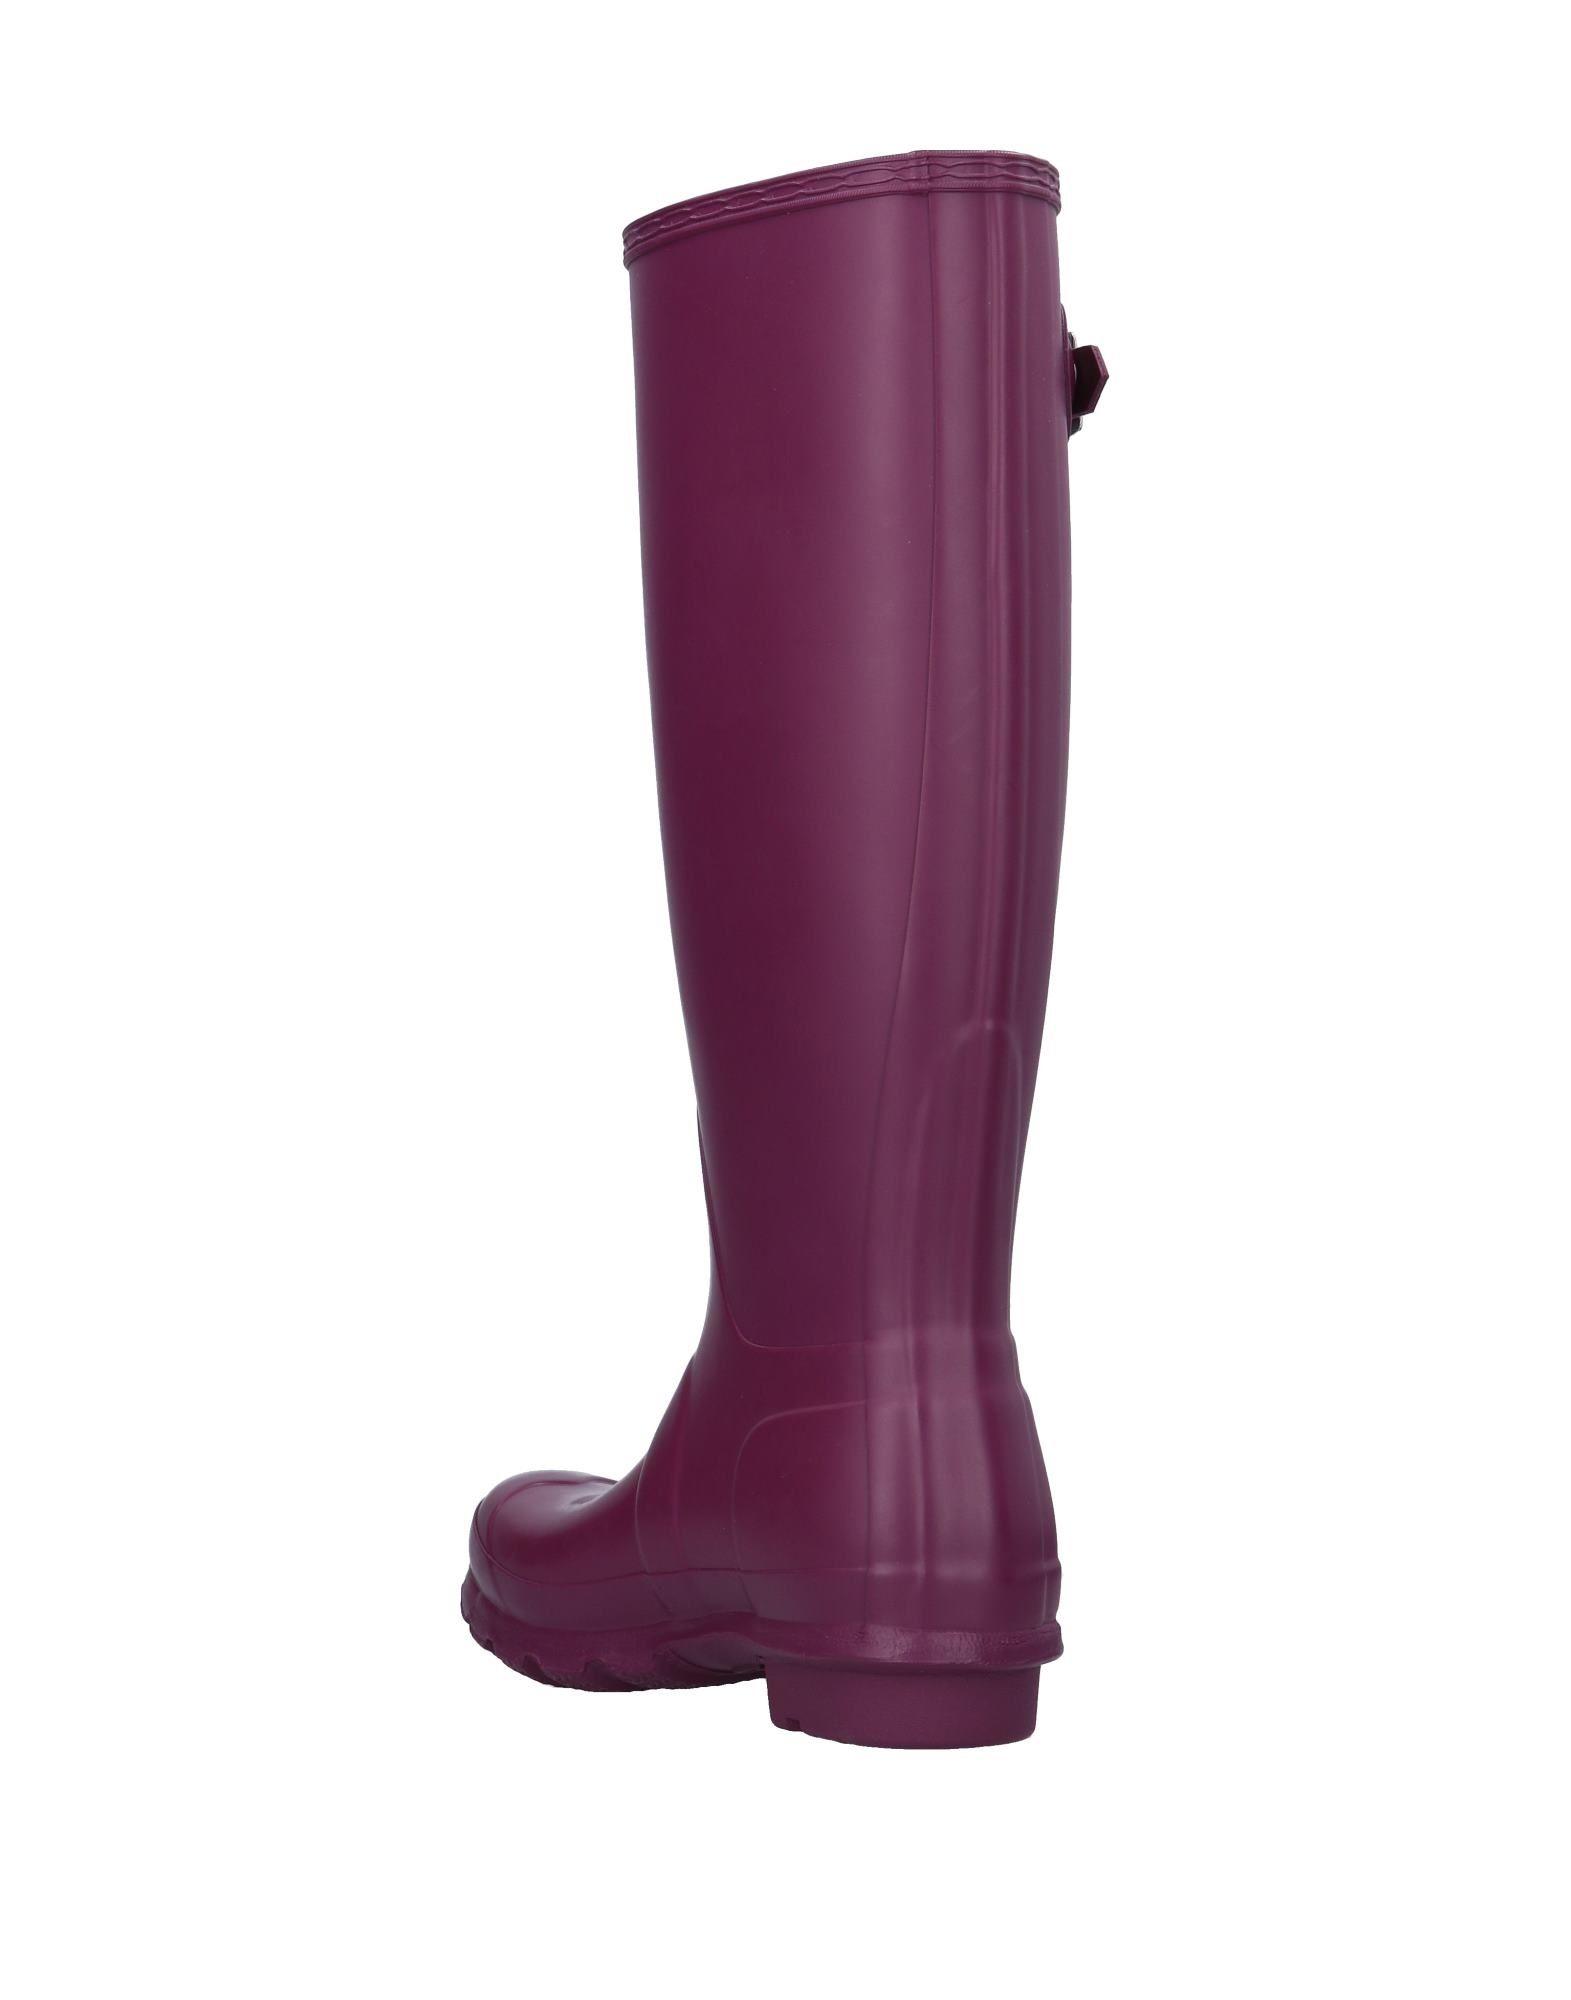 Hunter Stiefel beliebte Damen  11486693VH Gute Qualität beliebte Stiefel Schuhe 84d080